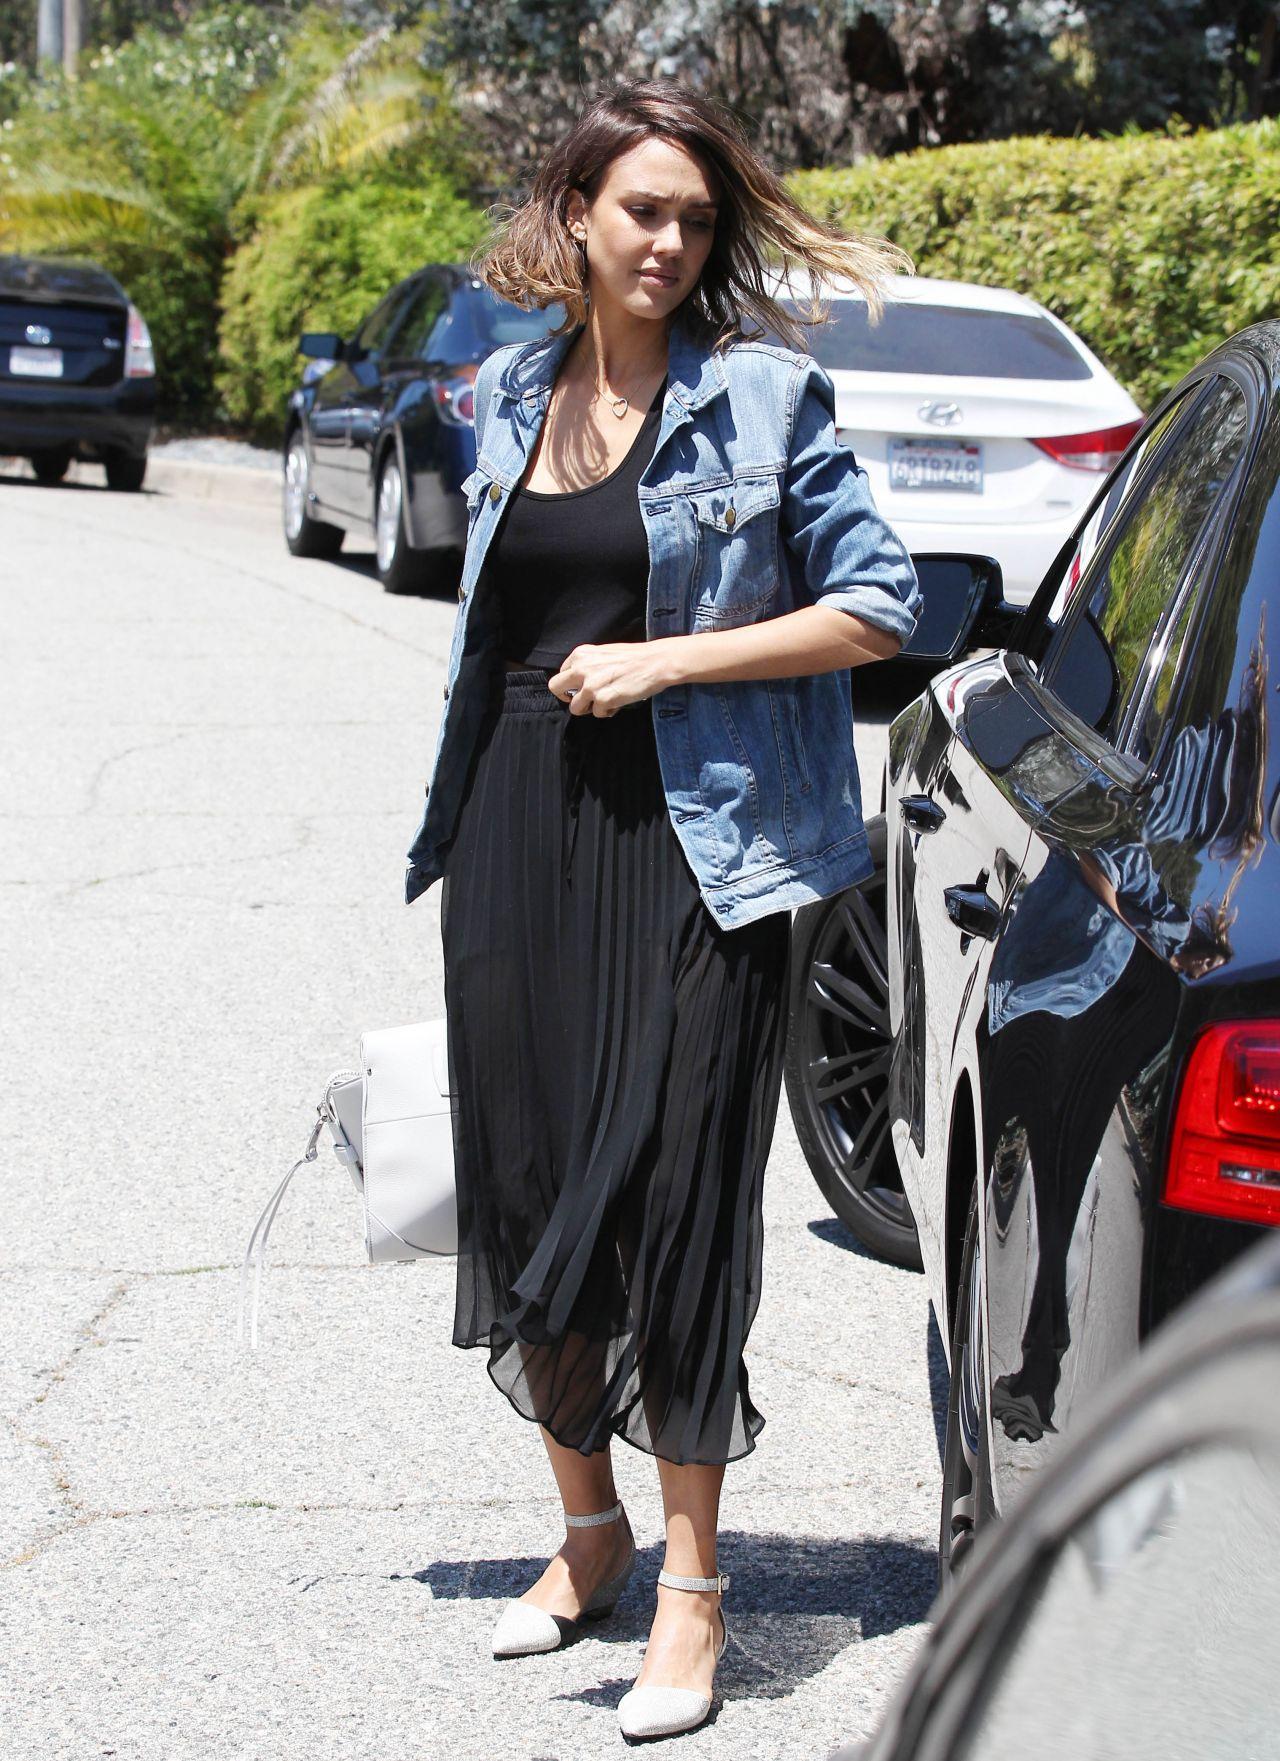 Jessica Alba Visits a Friend in Beverly Hills, June 2015